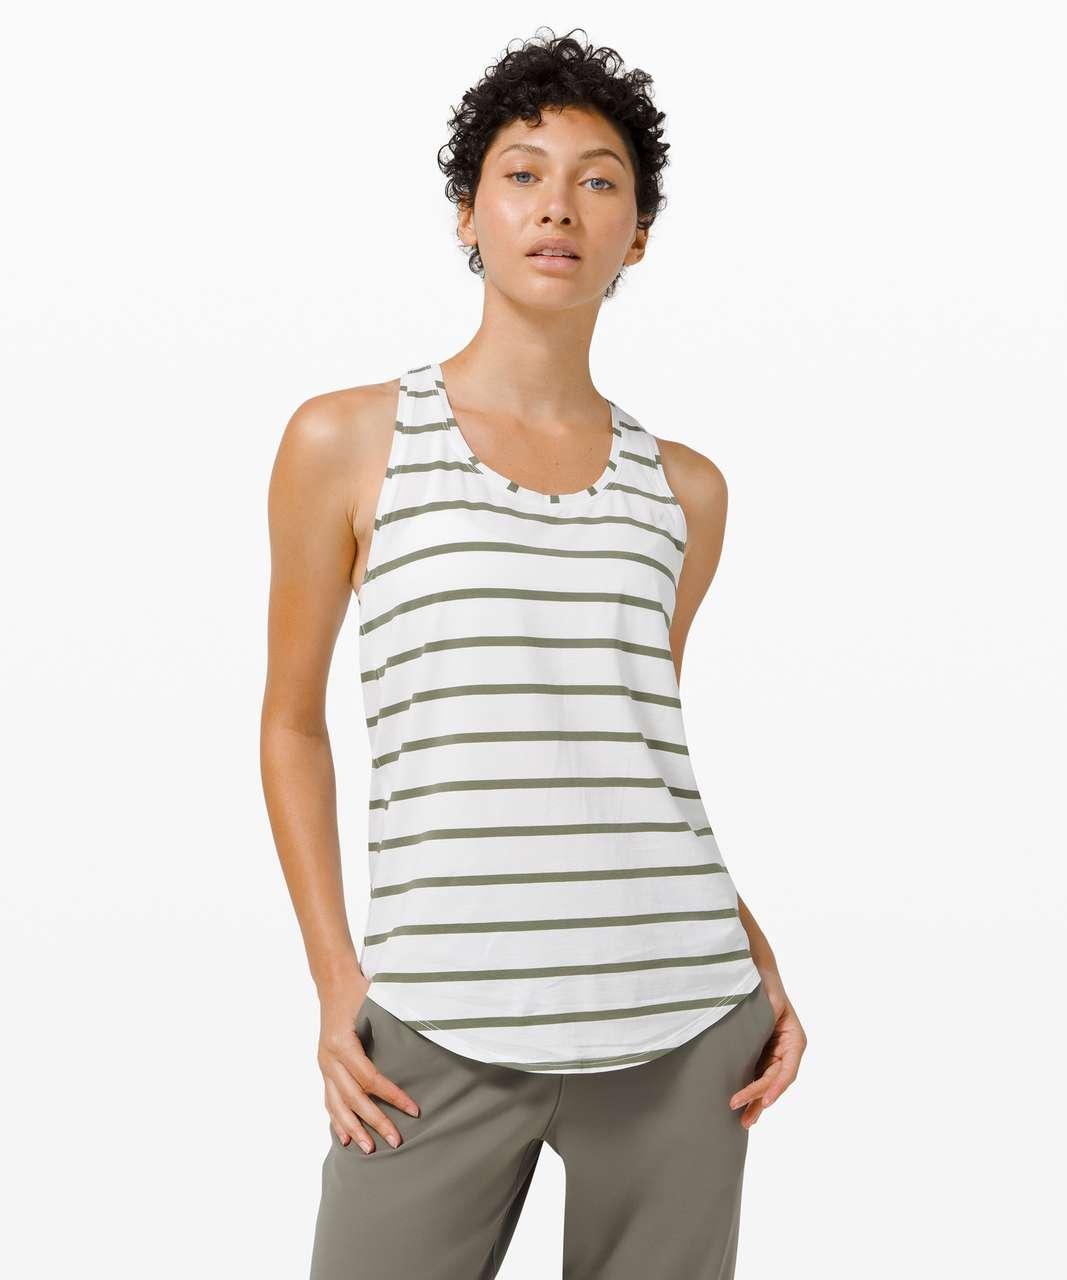 Lululemon Love Tank *Pleated - So Wicked Stripe White Medium Olive